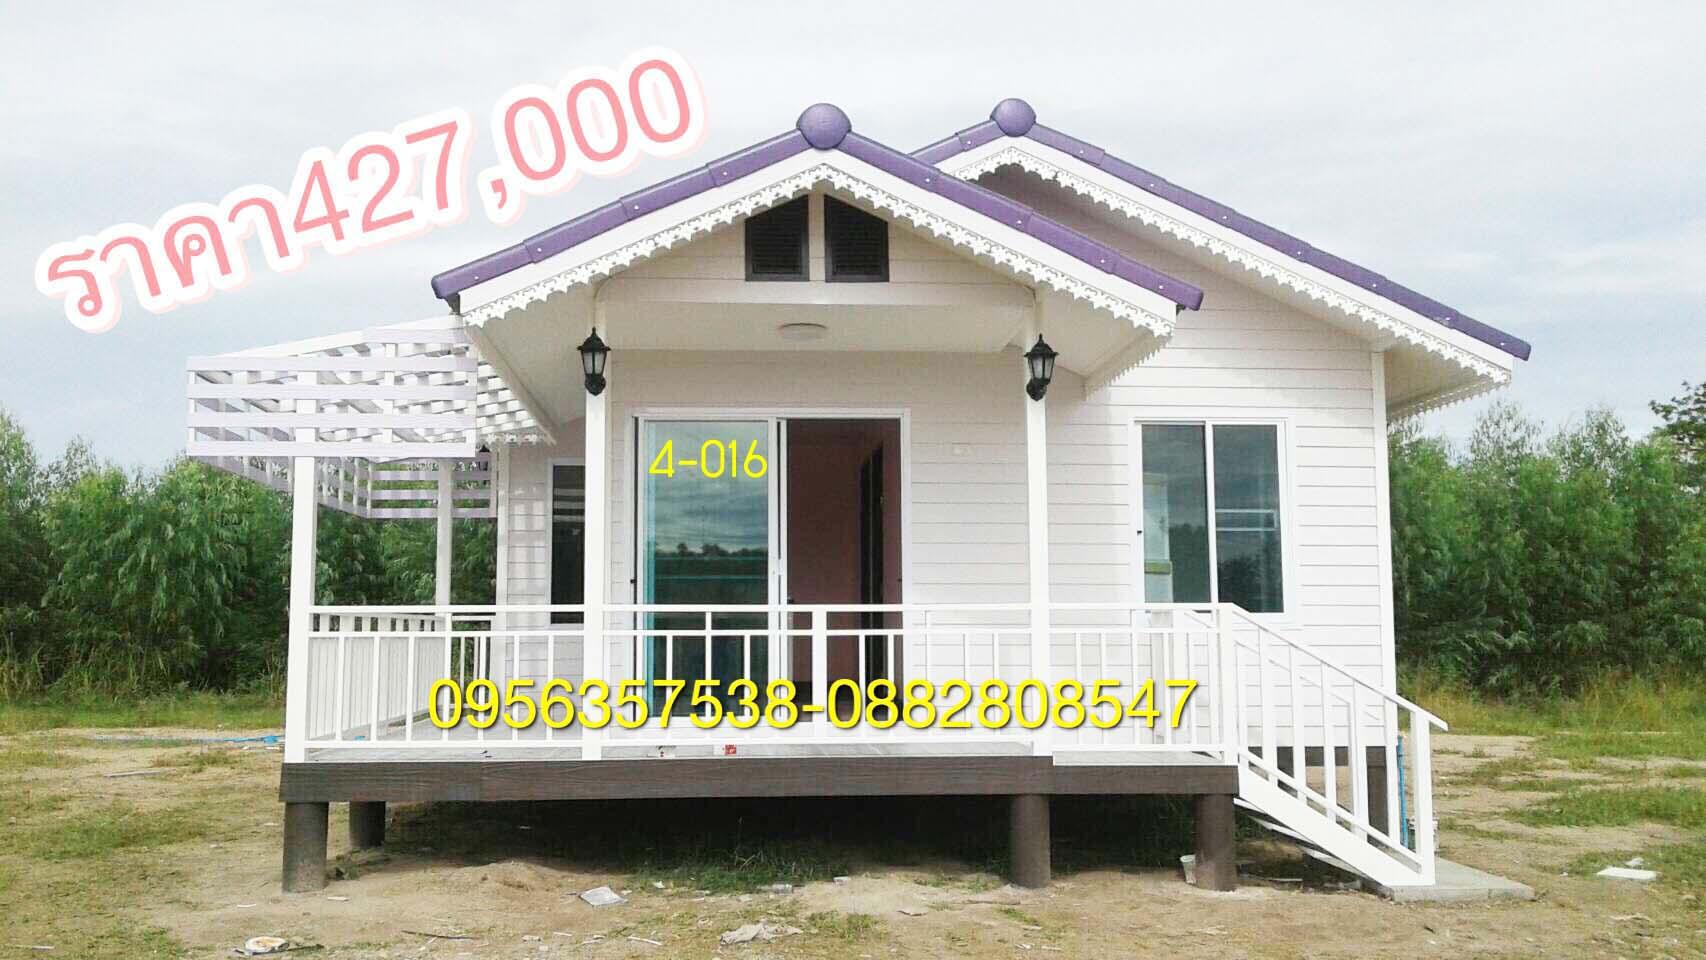 บ้านสําเร็จรูปราคาไม่เกินแสน,บ้านสําเร็จรูปราคา,บ้านน็อคดาวน์ราคาถูกที่สุด,knockdown-wachira